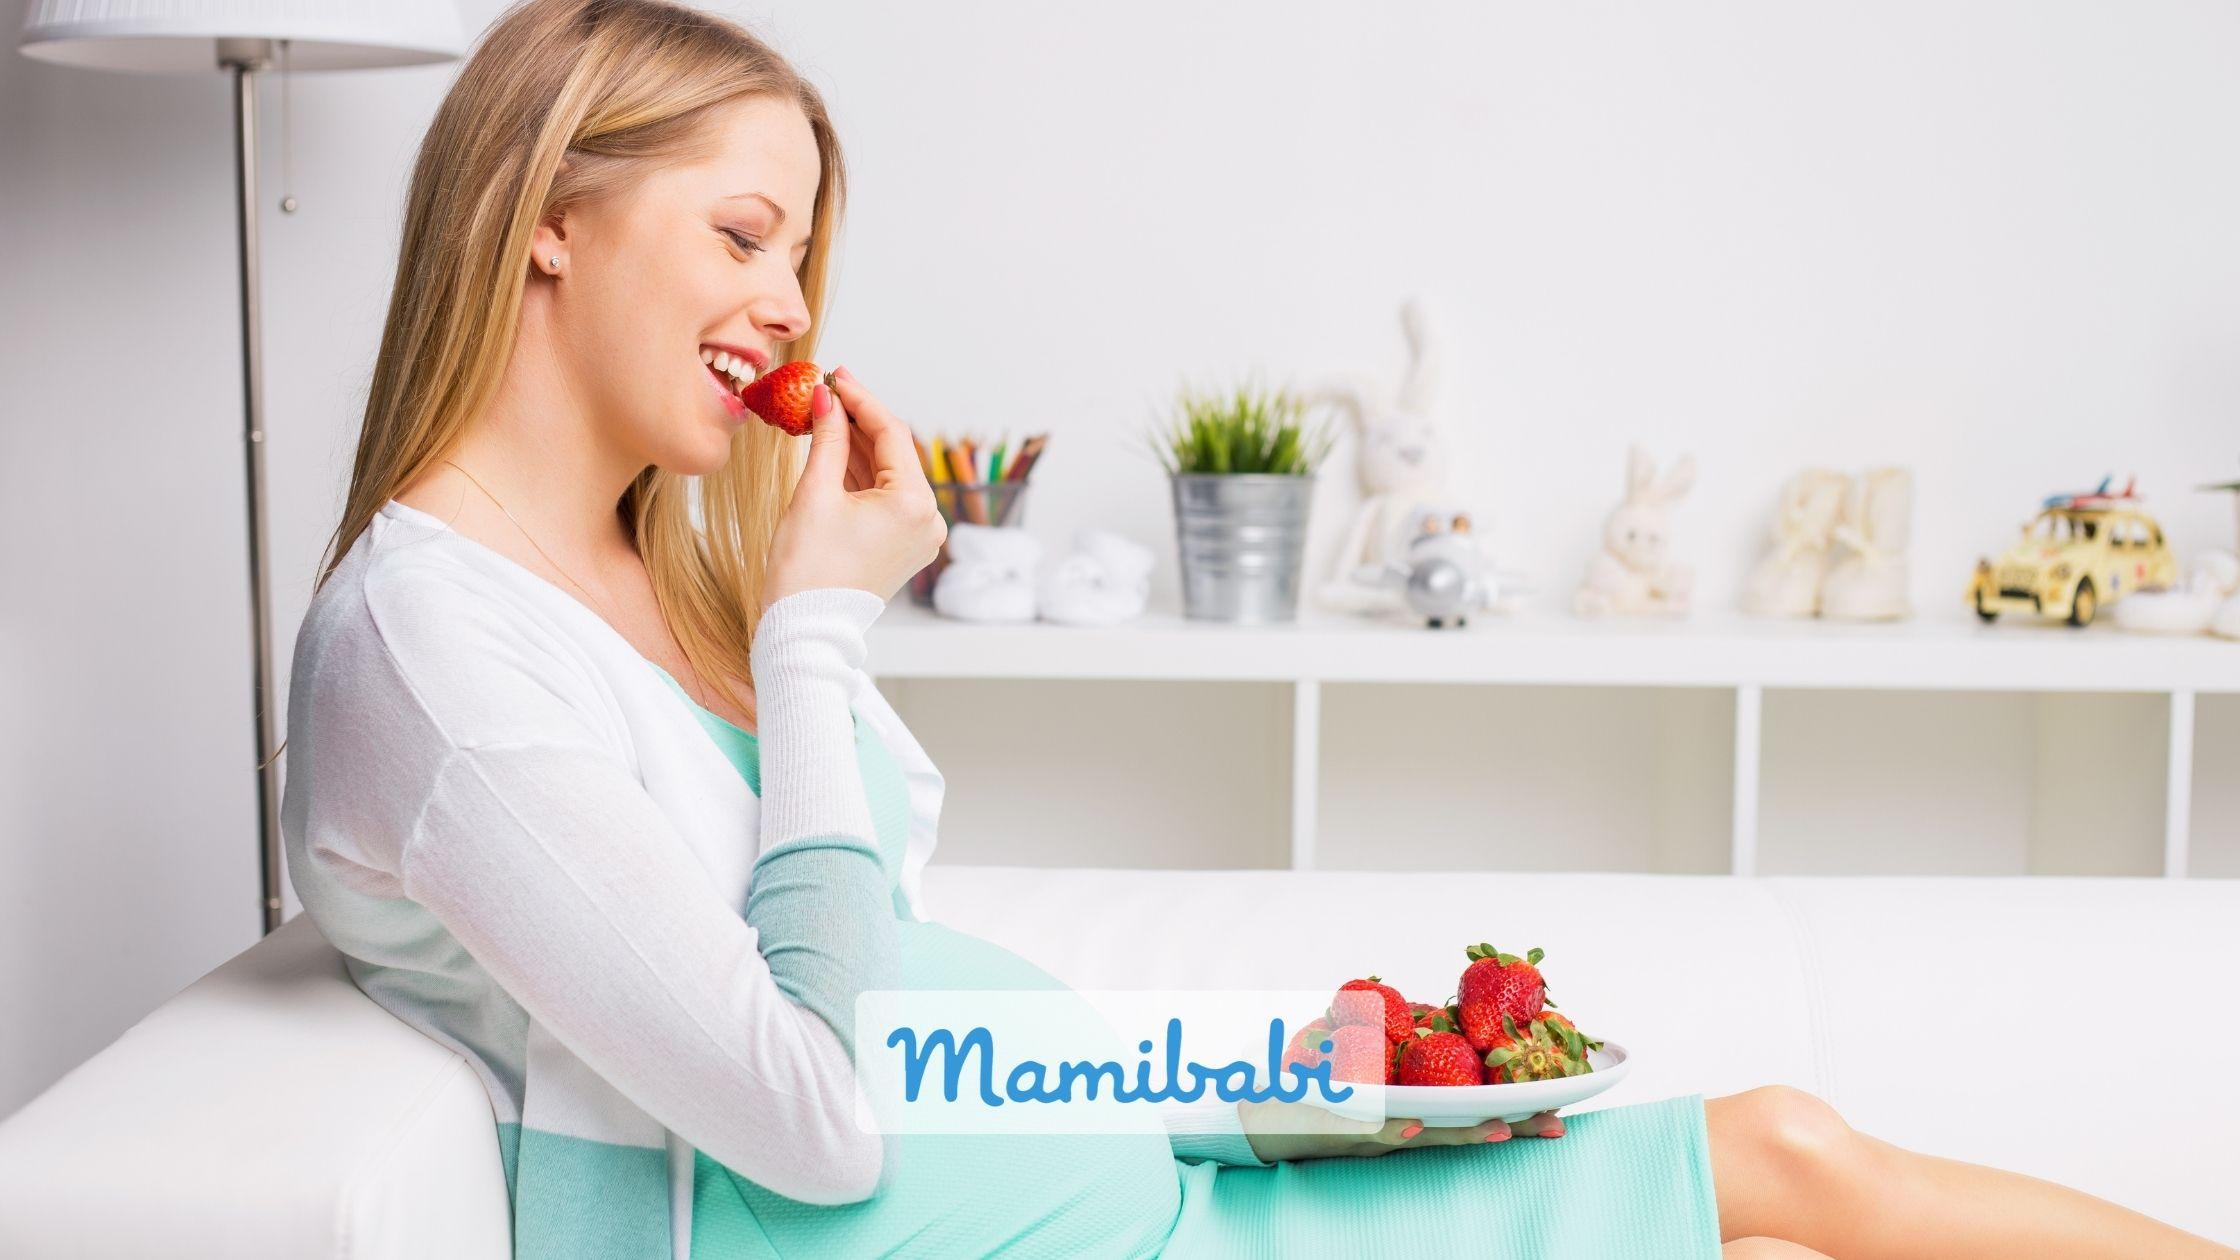 bầu 3 tháng đầu nên ăn nhiều hoa quả